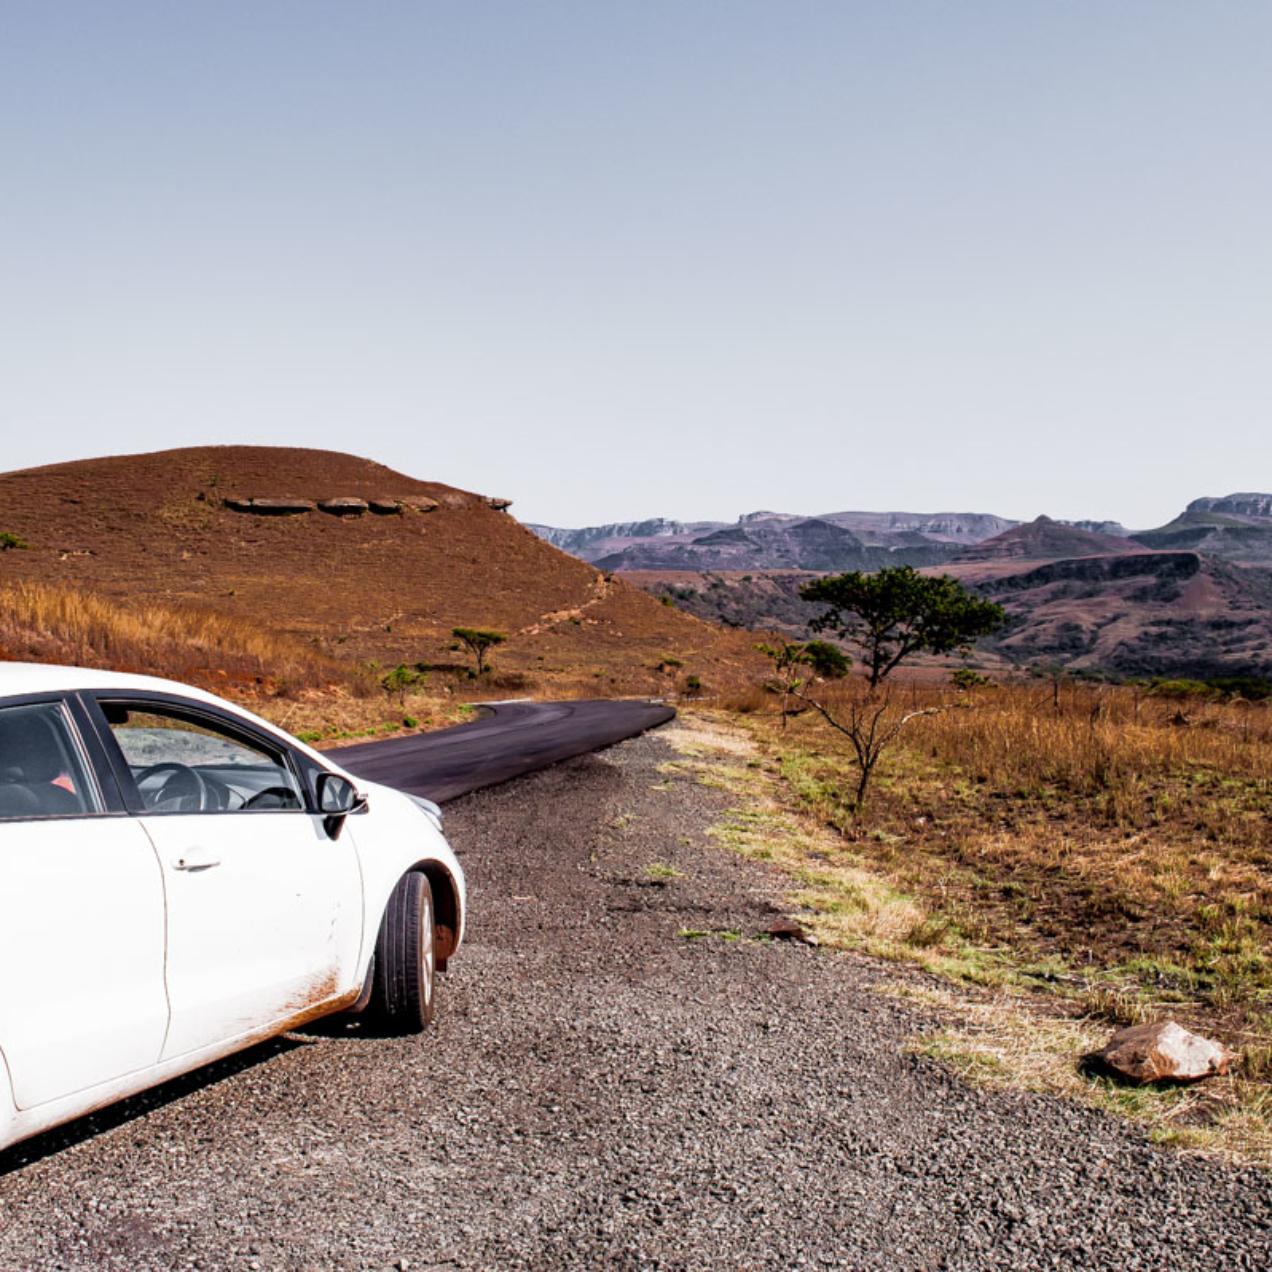 Road trip de 2 semaines en Afrique du Sud : Itinéraire, budget et conseils